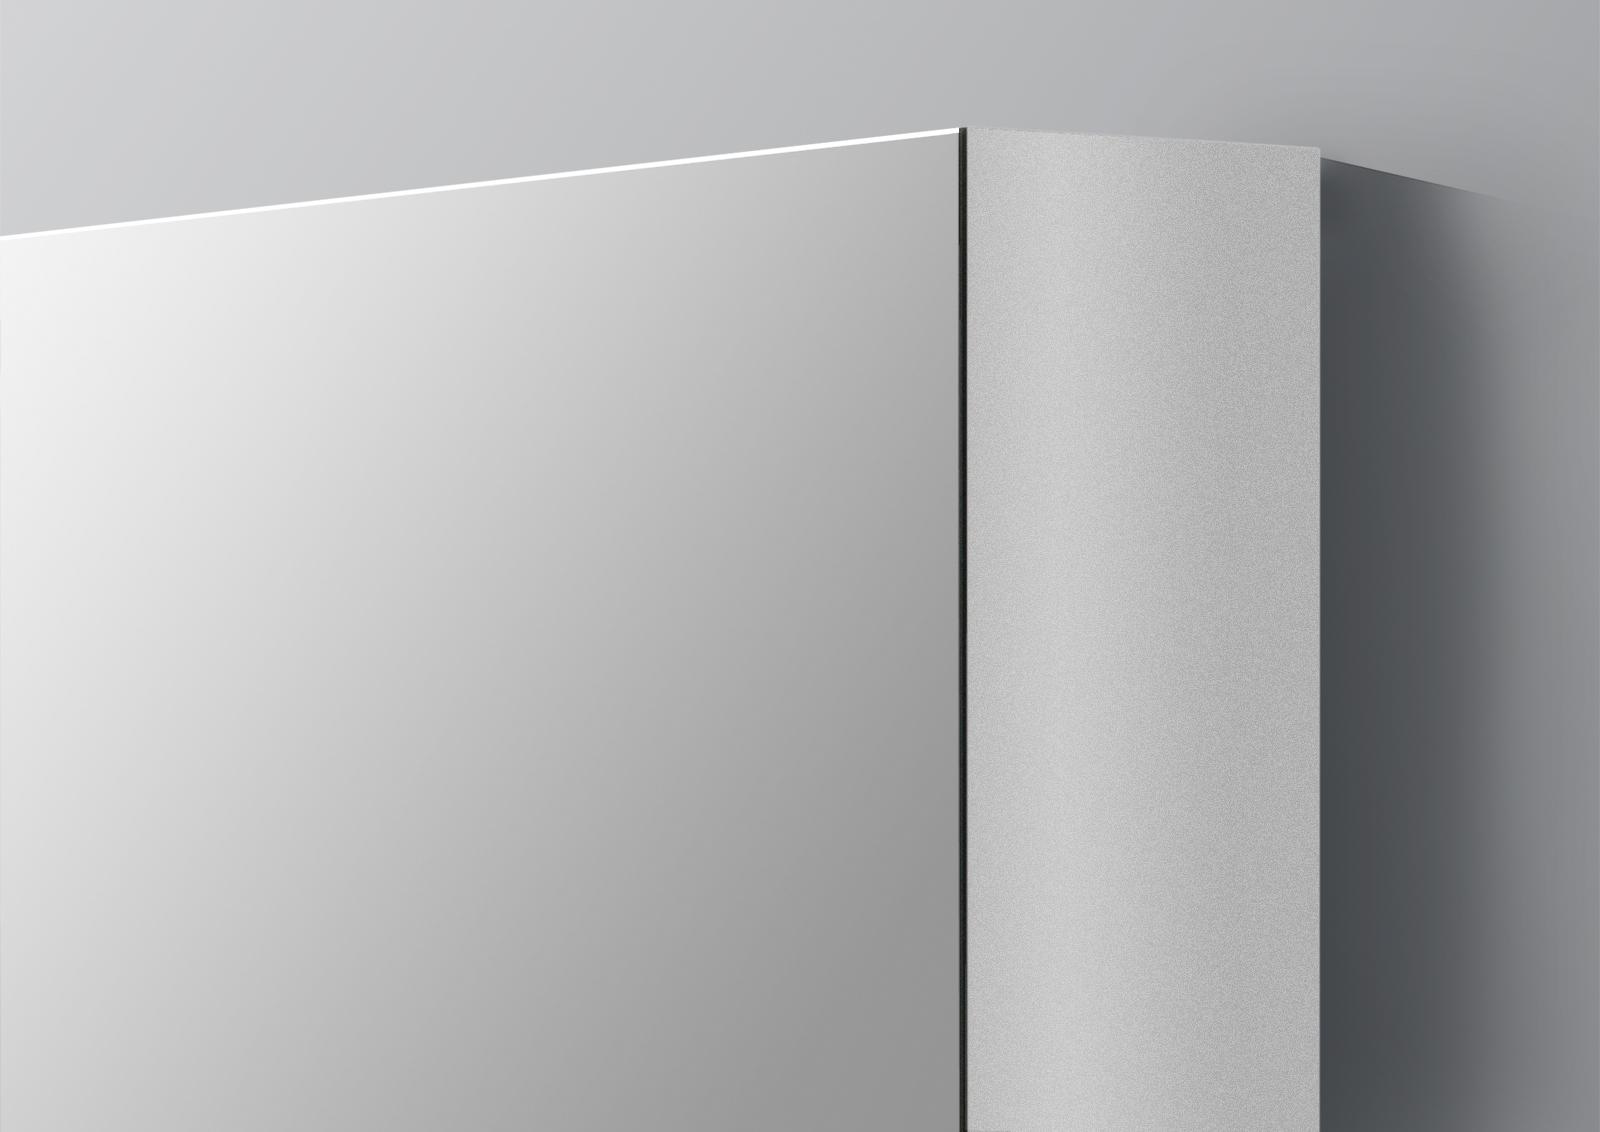 Vorschau: Aluminium